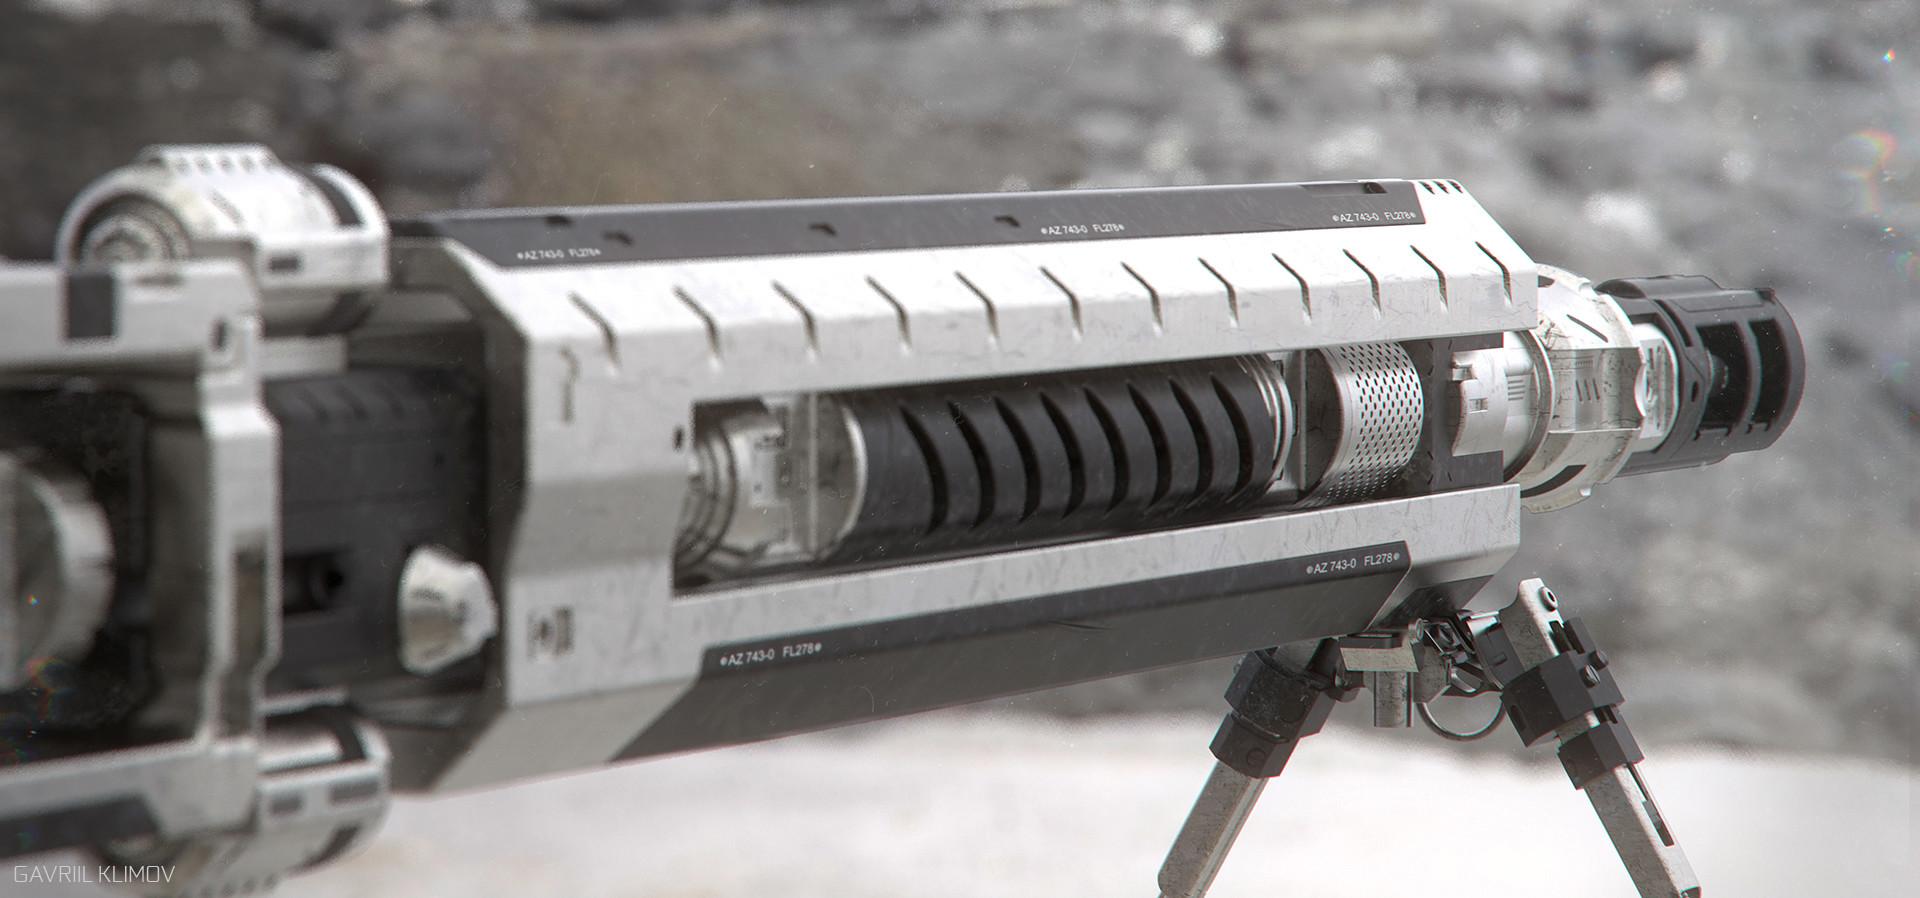 Marder rifle - Outdoor desert render